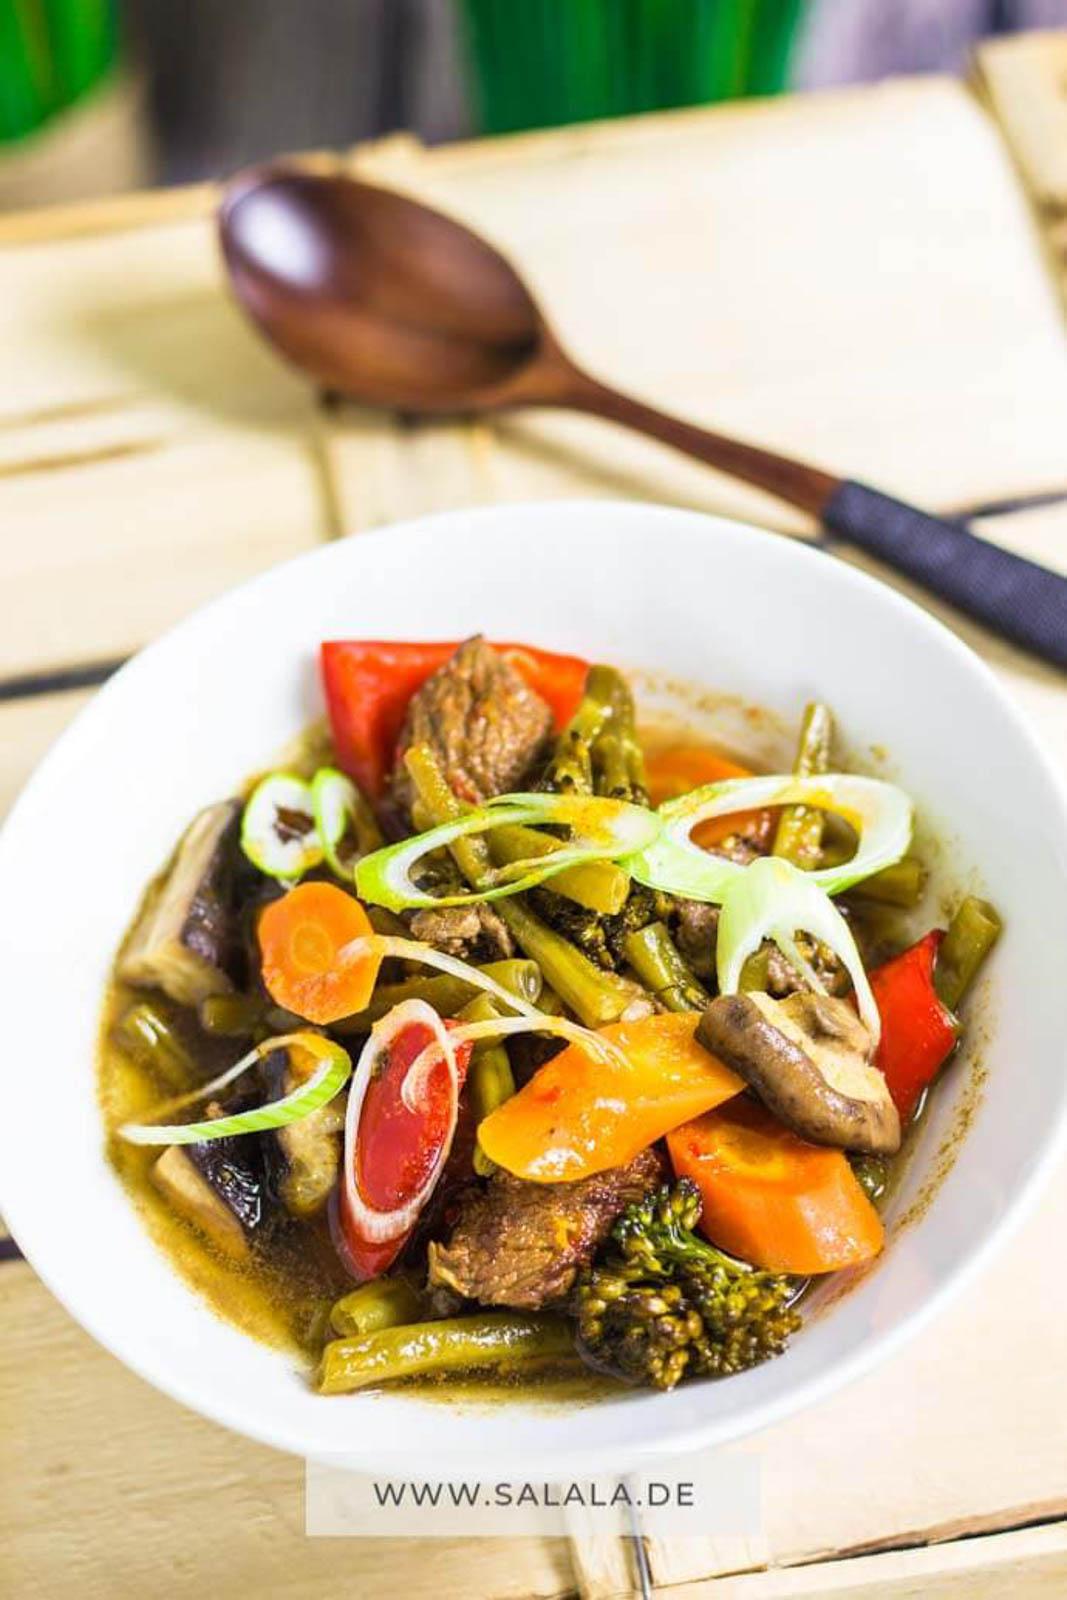 Für die letzten Tage der kalten Jahreszeit ist nochmal eine richtig herzhafte und wärmende Suppe genau richtig. Viel Gemüse und saftiges Rindfleisch. Und ein Touch Asien! Ein echtes, wärmendes Low Carb Rezept. #asiasuppe #rindersuppe #gemuesesuppe #lowcarbsuppe